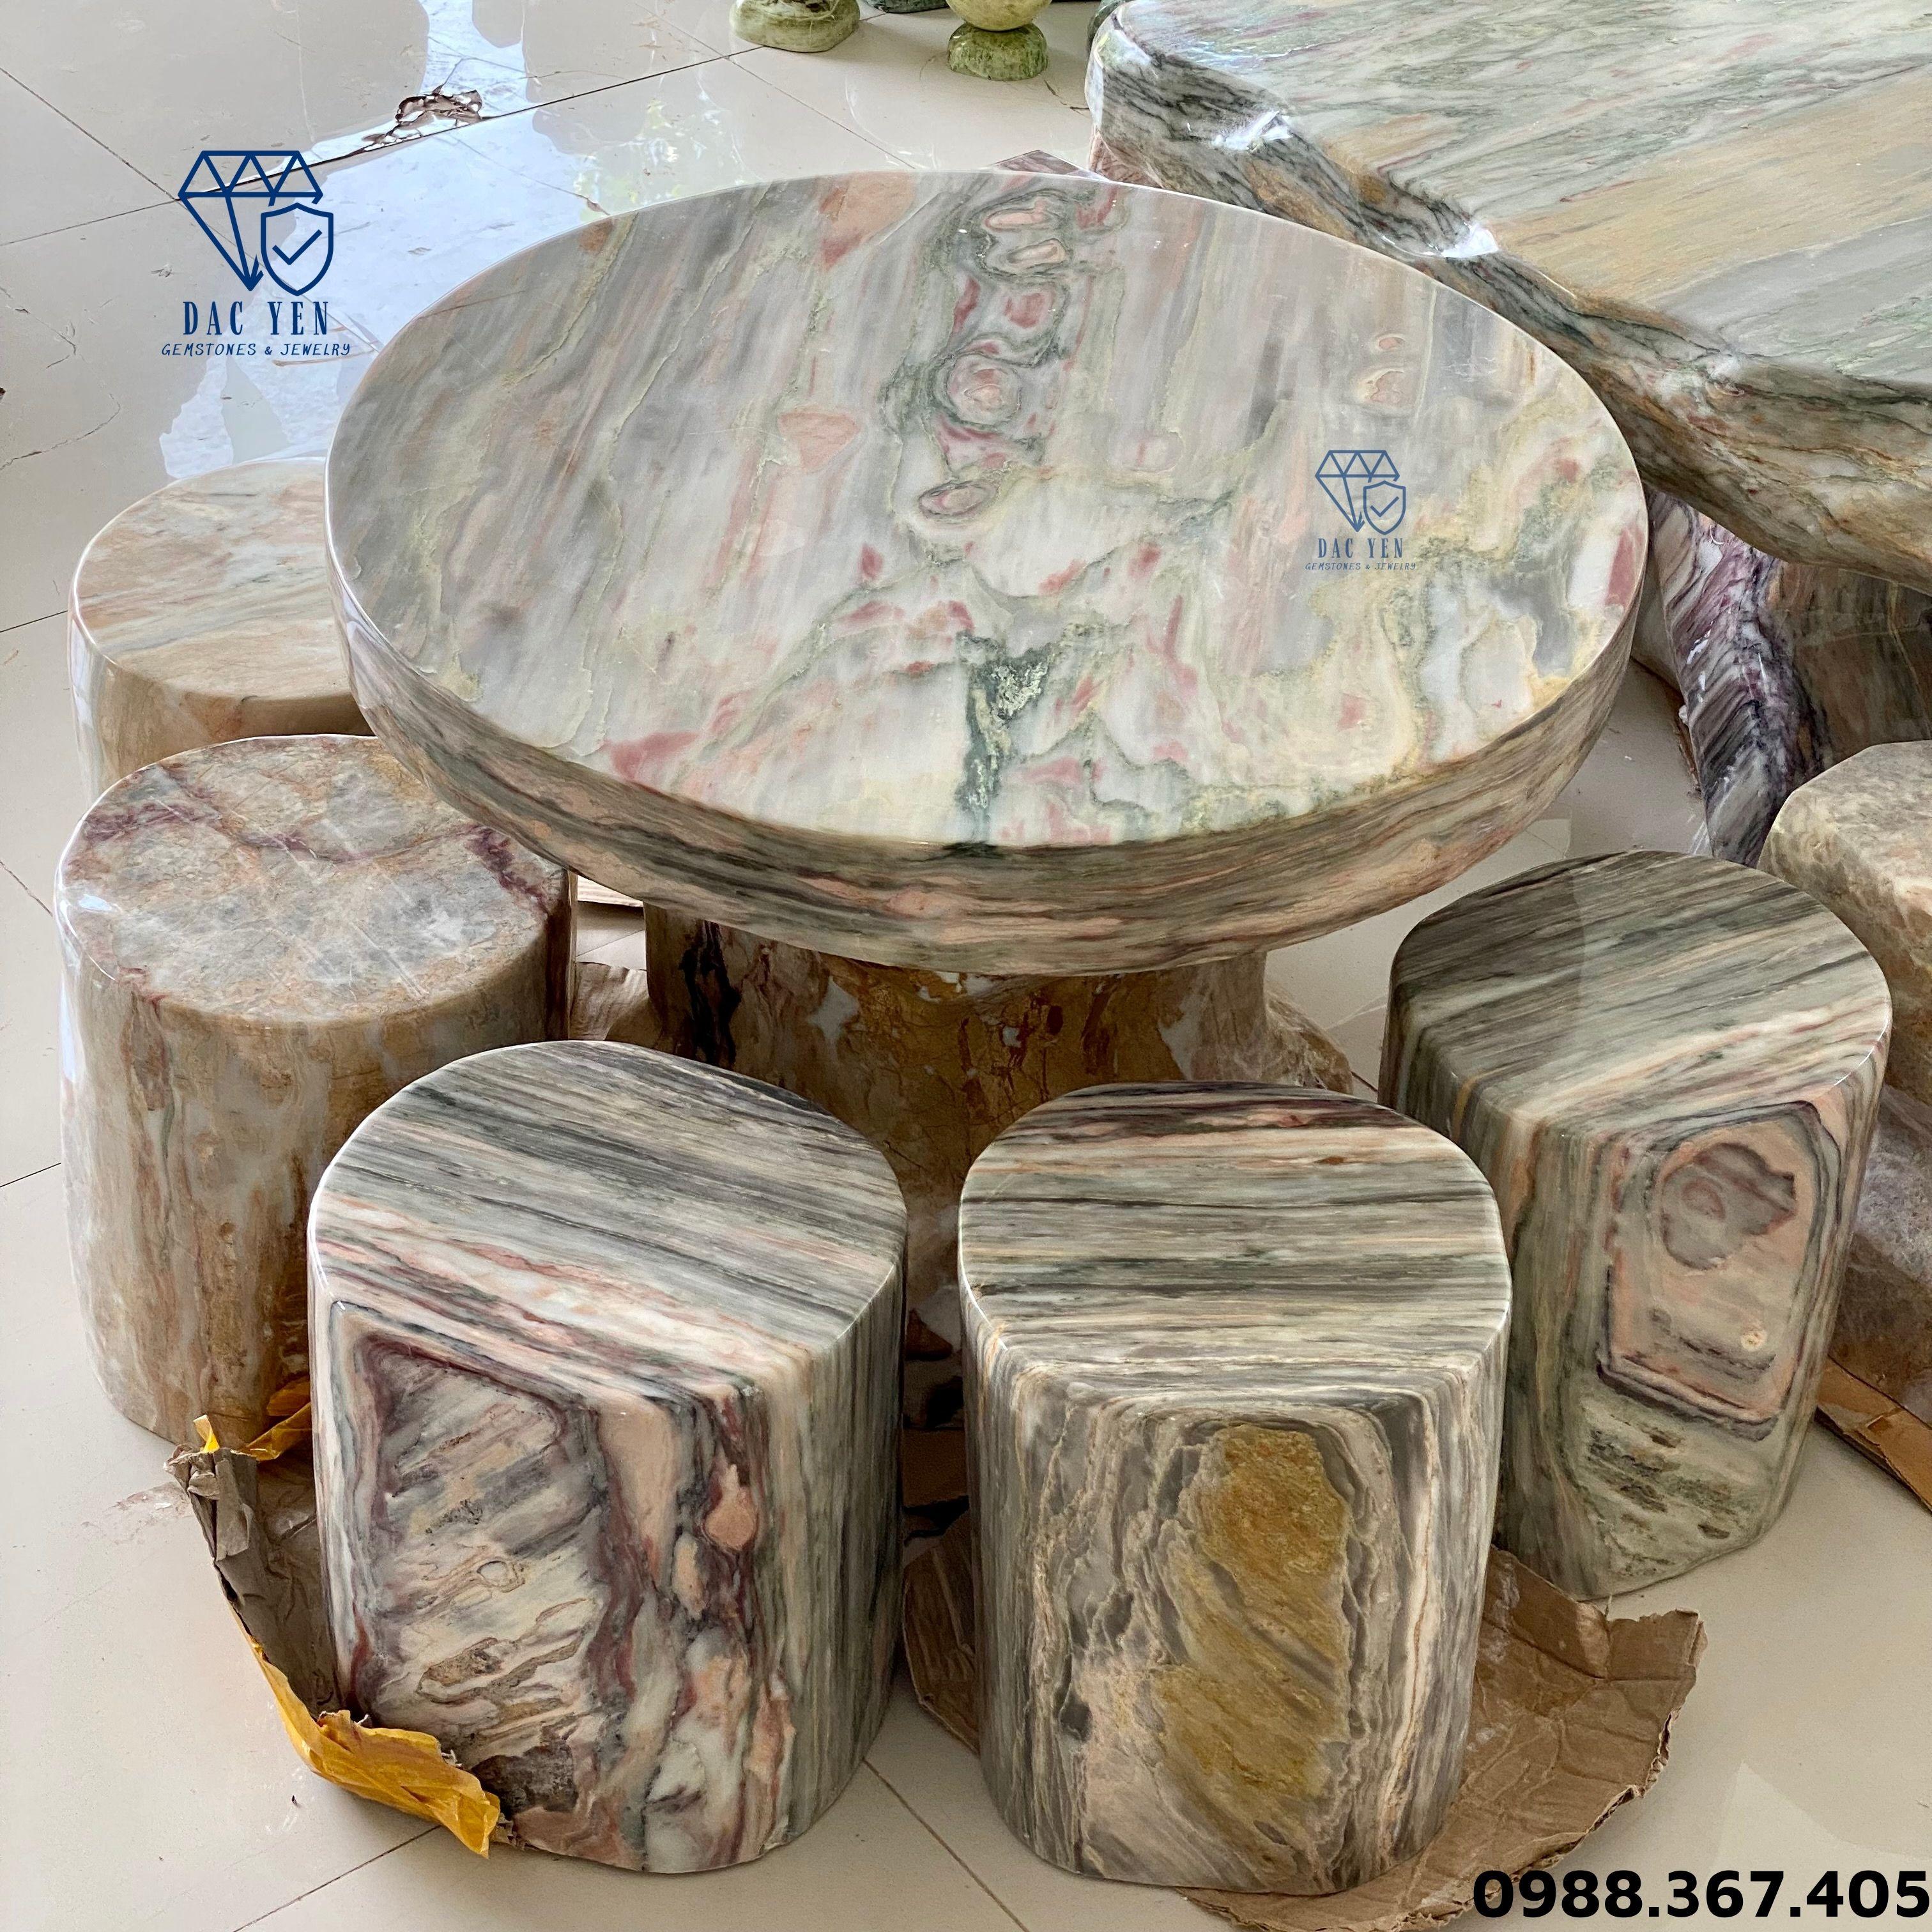 Bàn ghế đá tự nhiên, bàn ghế đá đẹp, bàn ghế đá ngoài trời đẳng cấp